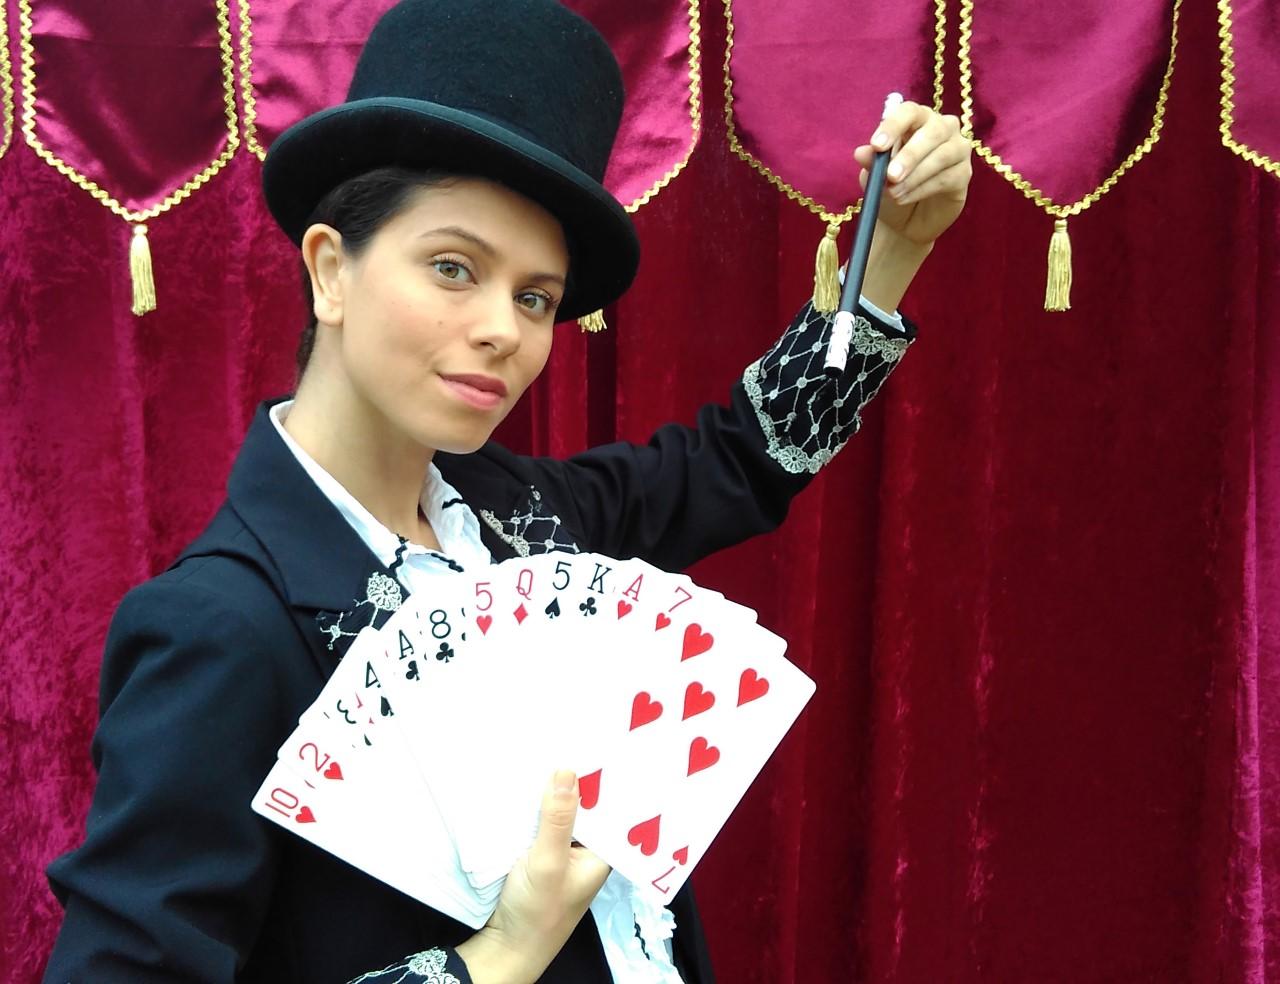 Circo e mágica estão em cartaz no Domingo é Dia de Teatro neste fim de semana -no shopping Iguatemi | Foto Divulgação